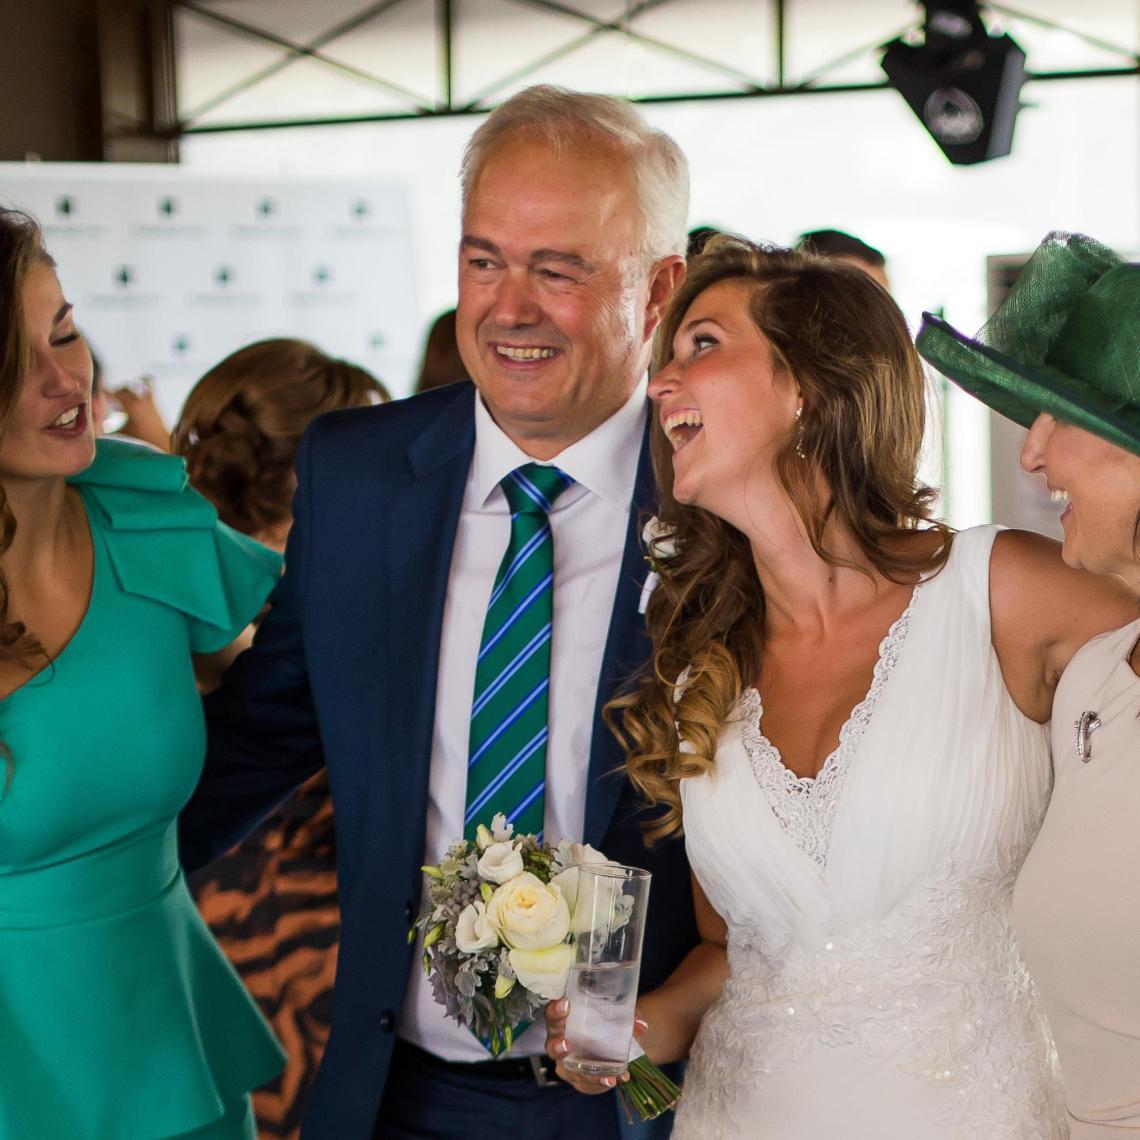 boda-espanola-sueca-ella-se-viste-de-blanco (15)